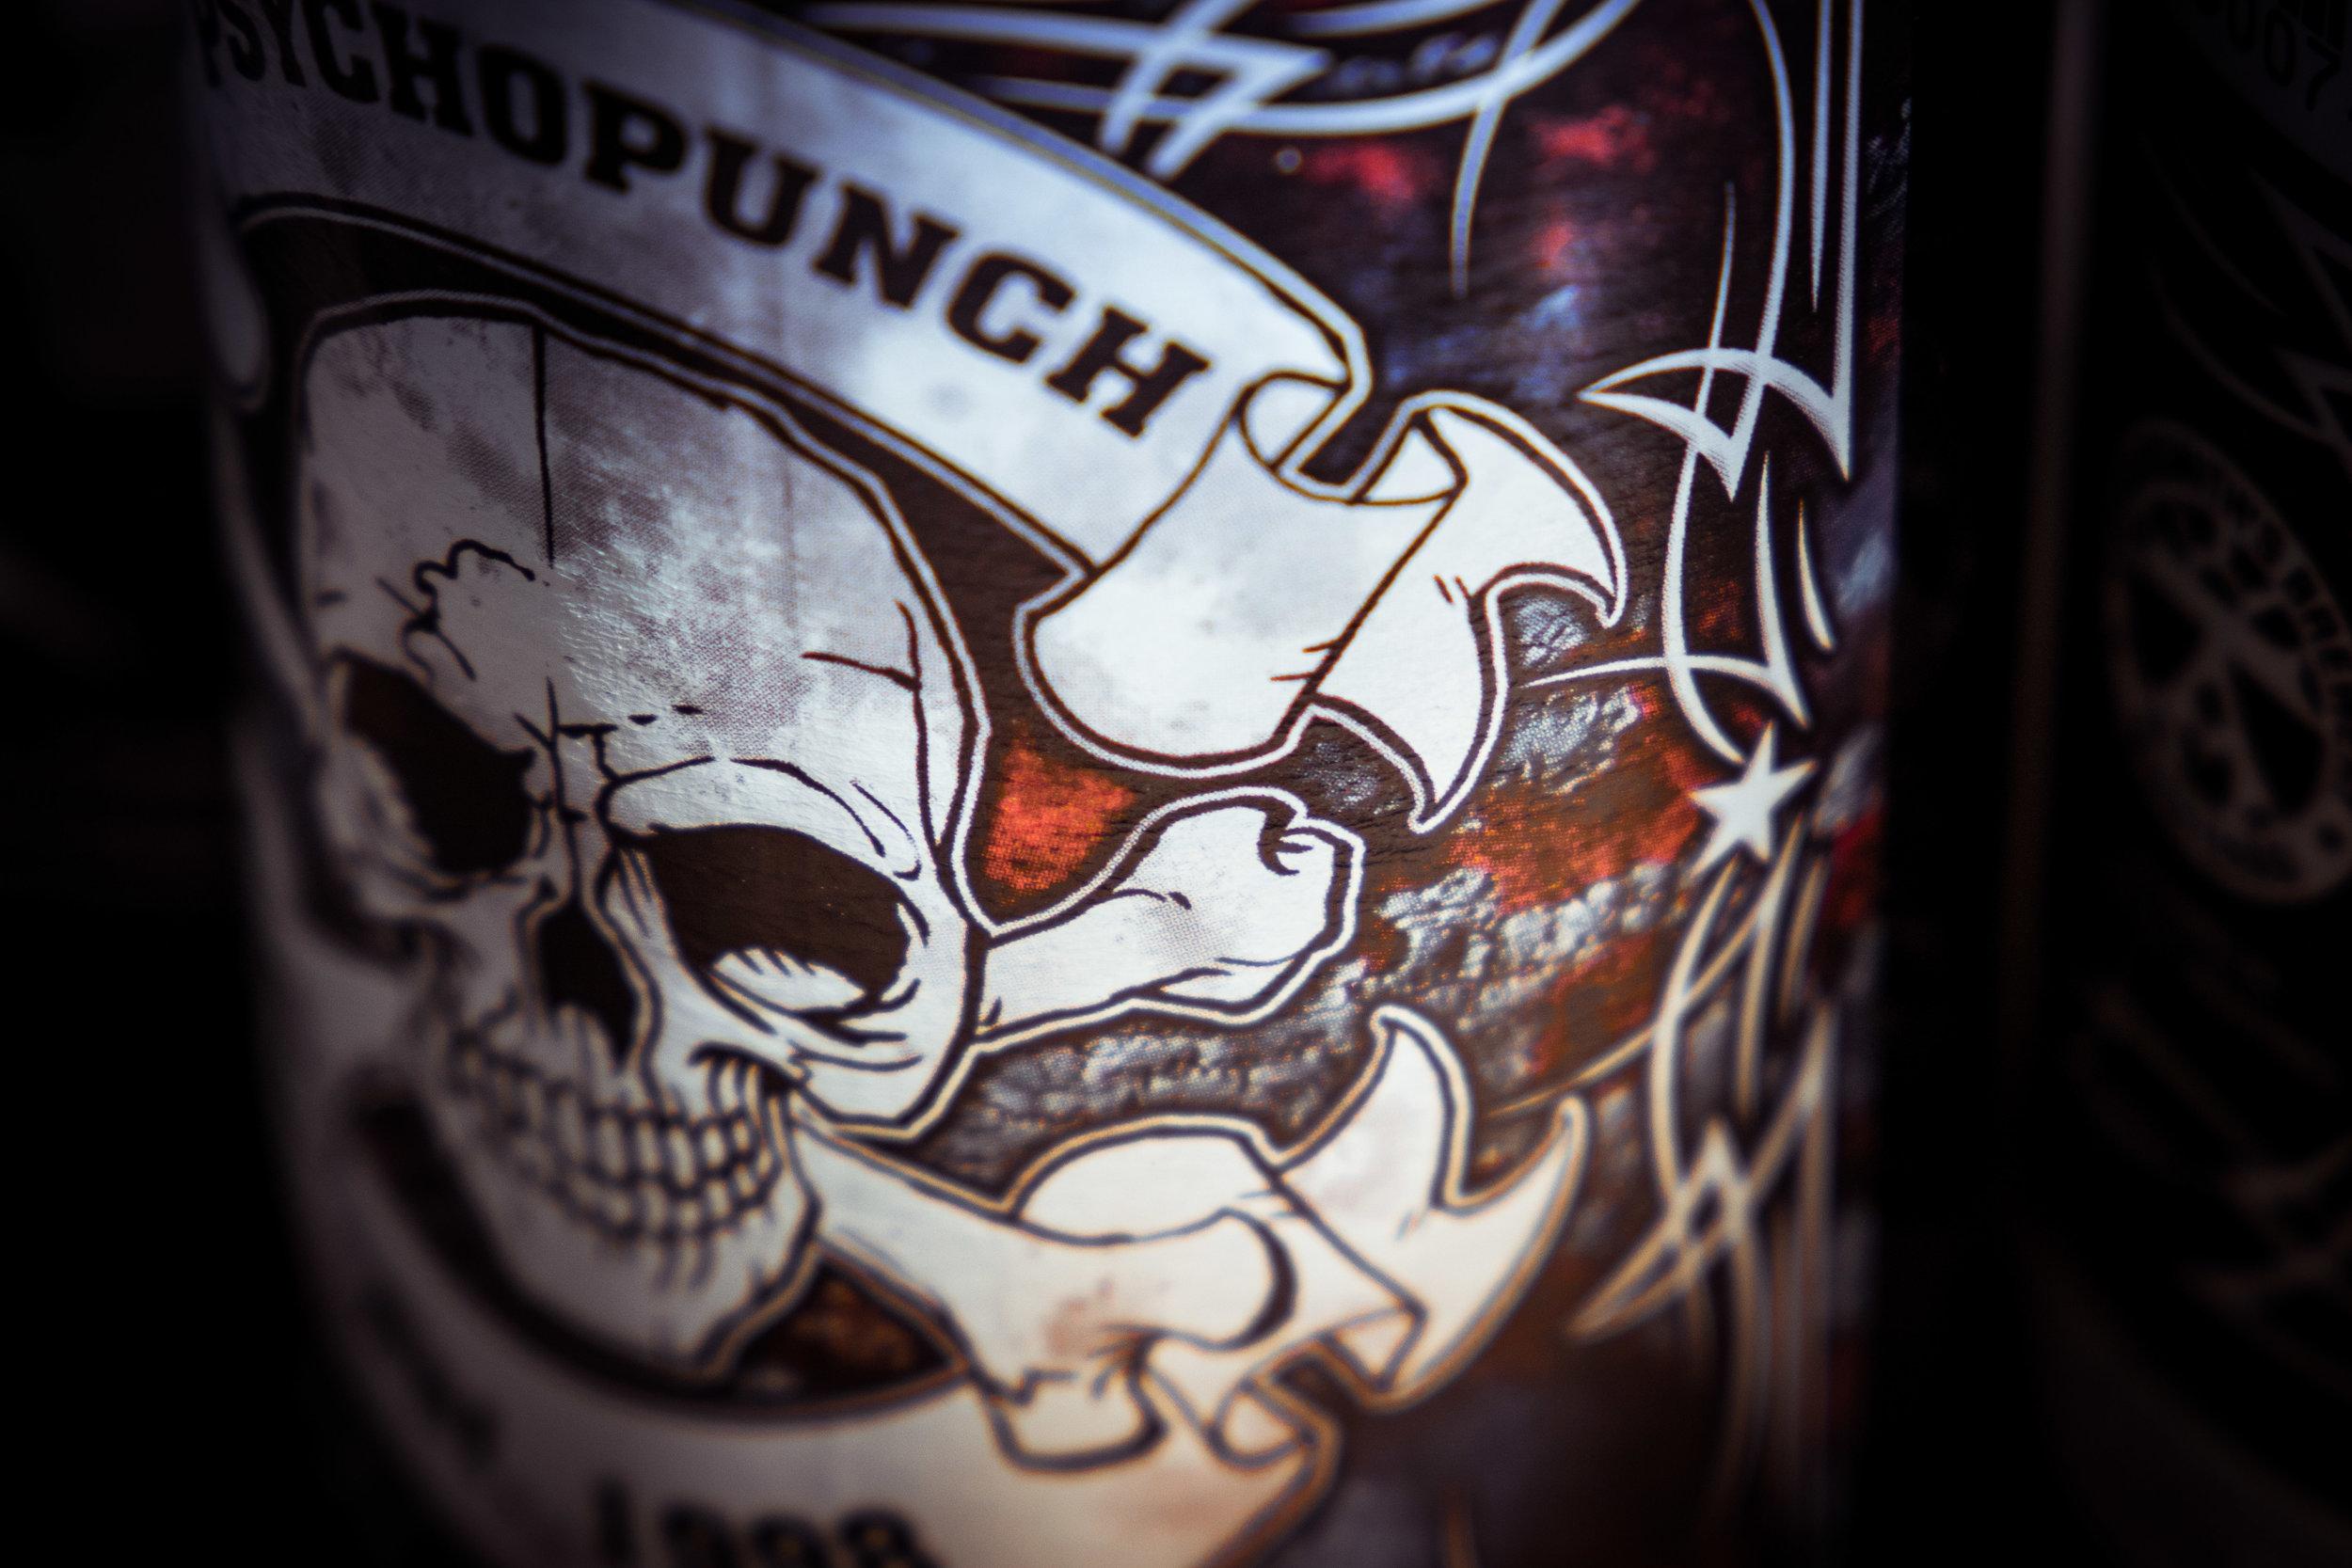 Psychopunch Beer by Dirk Behlau 2018-4730.jpg